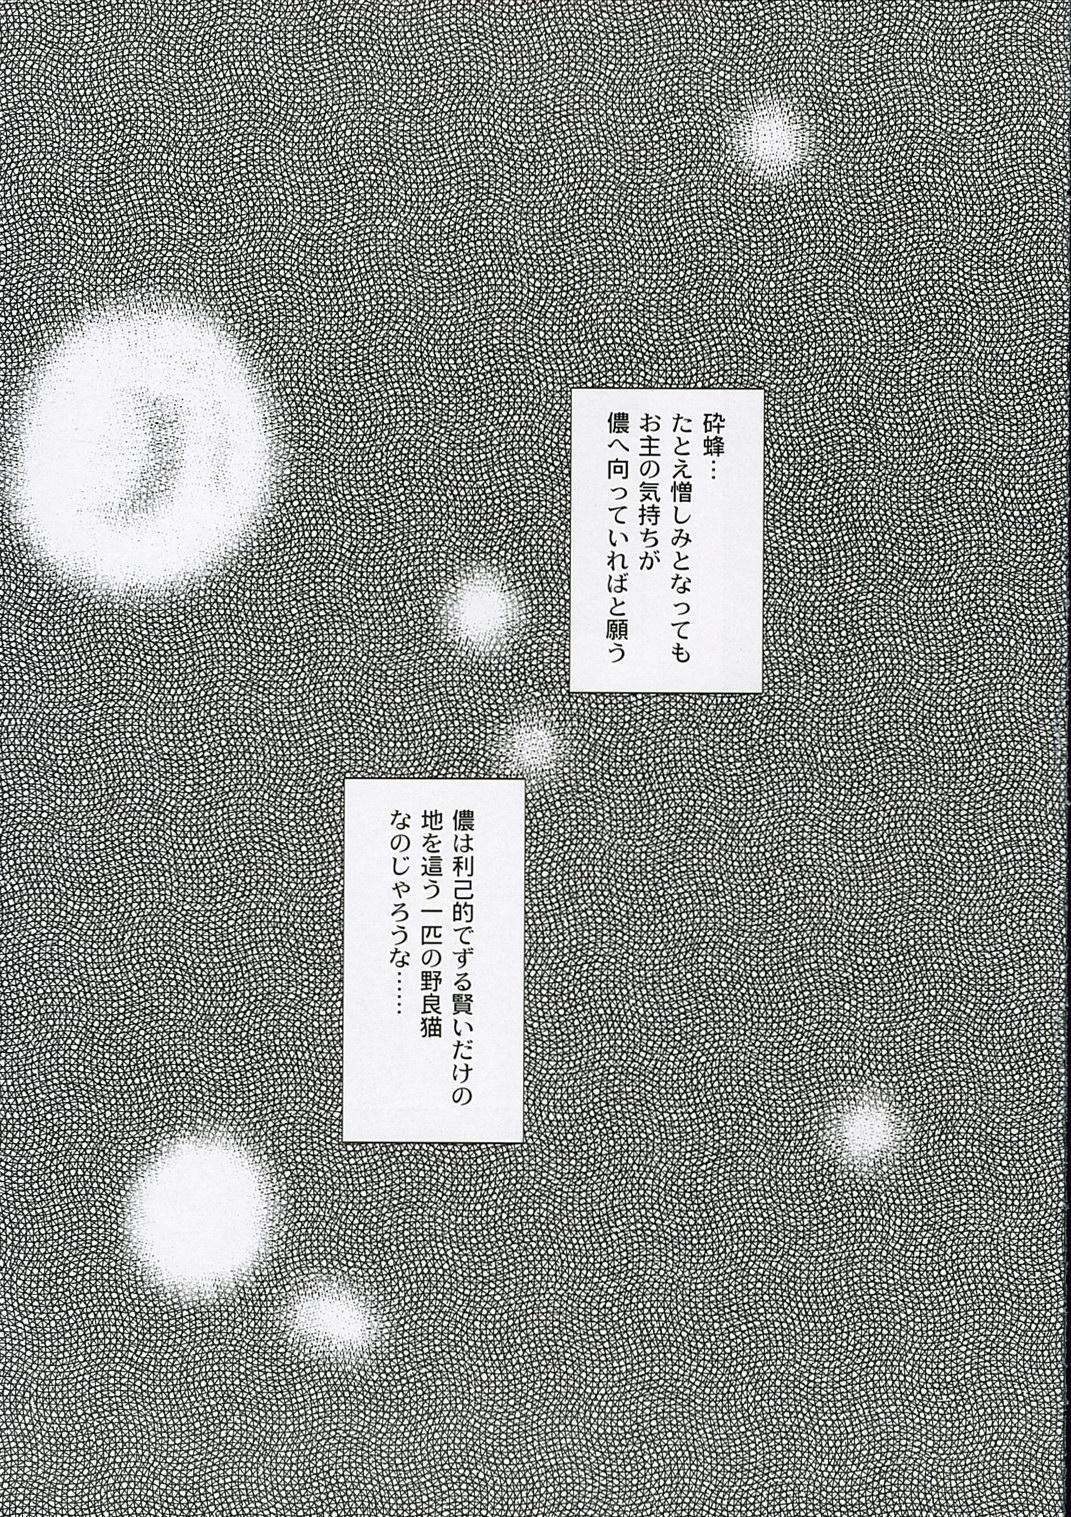 Shinobi 17